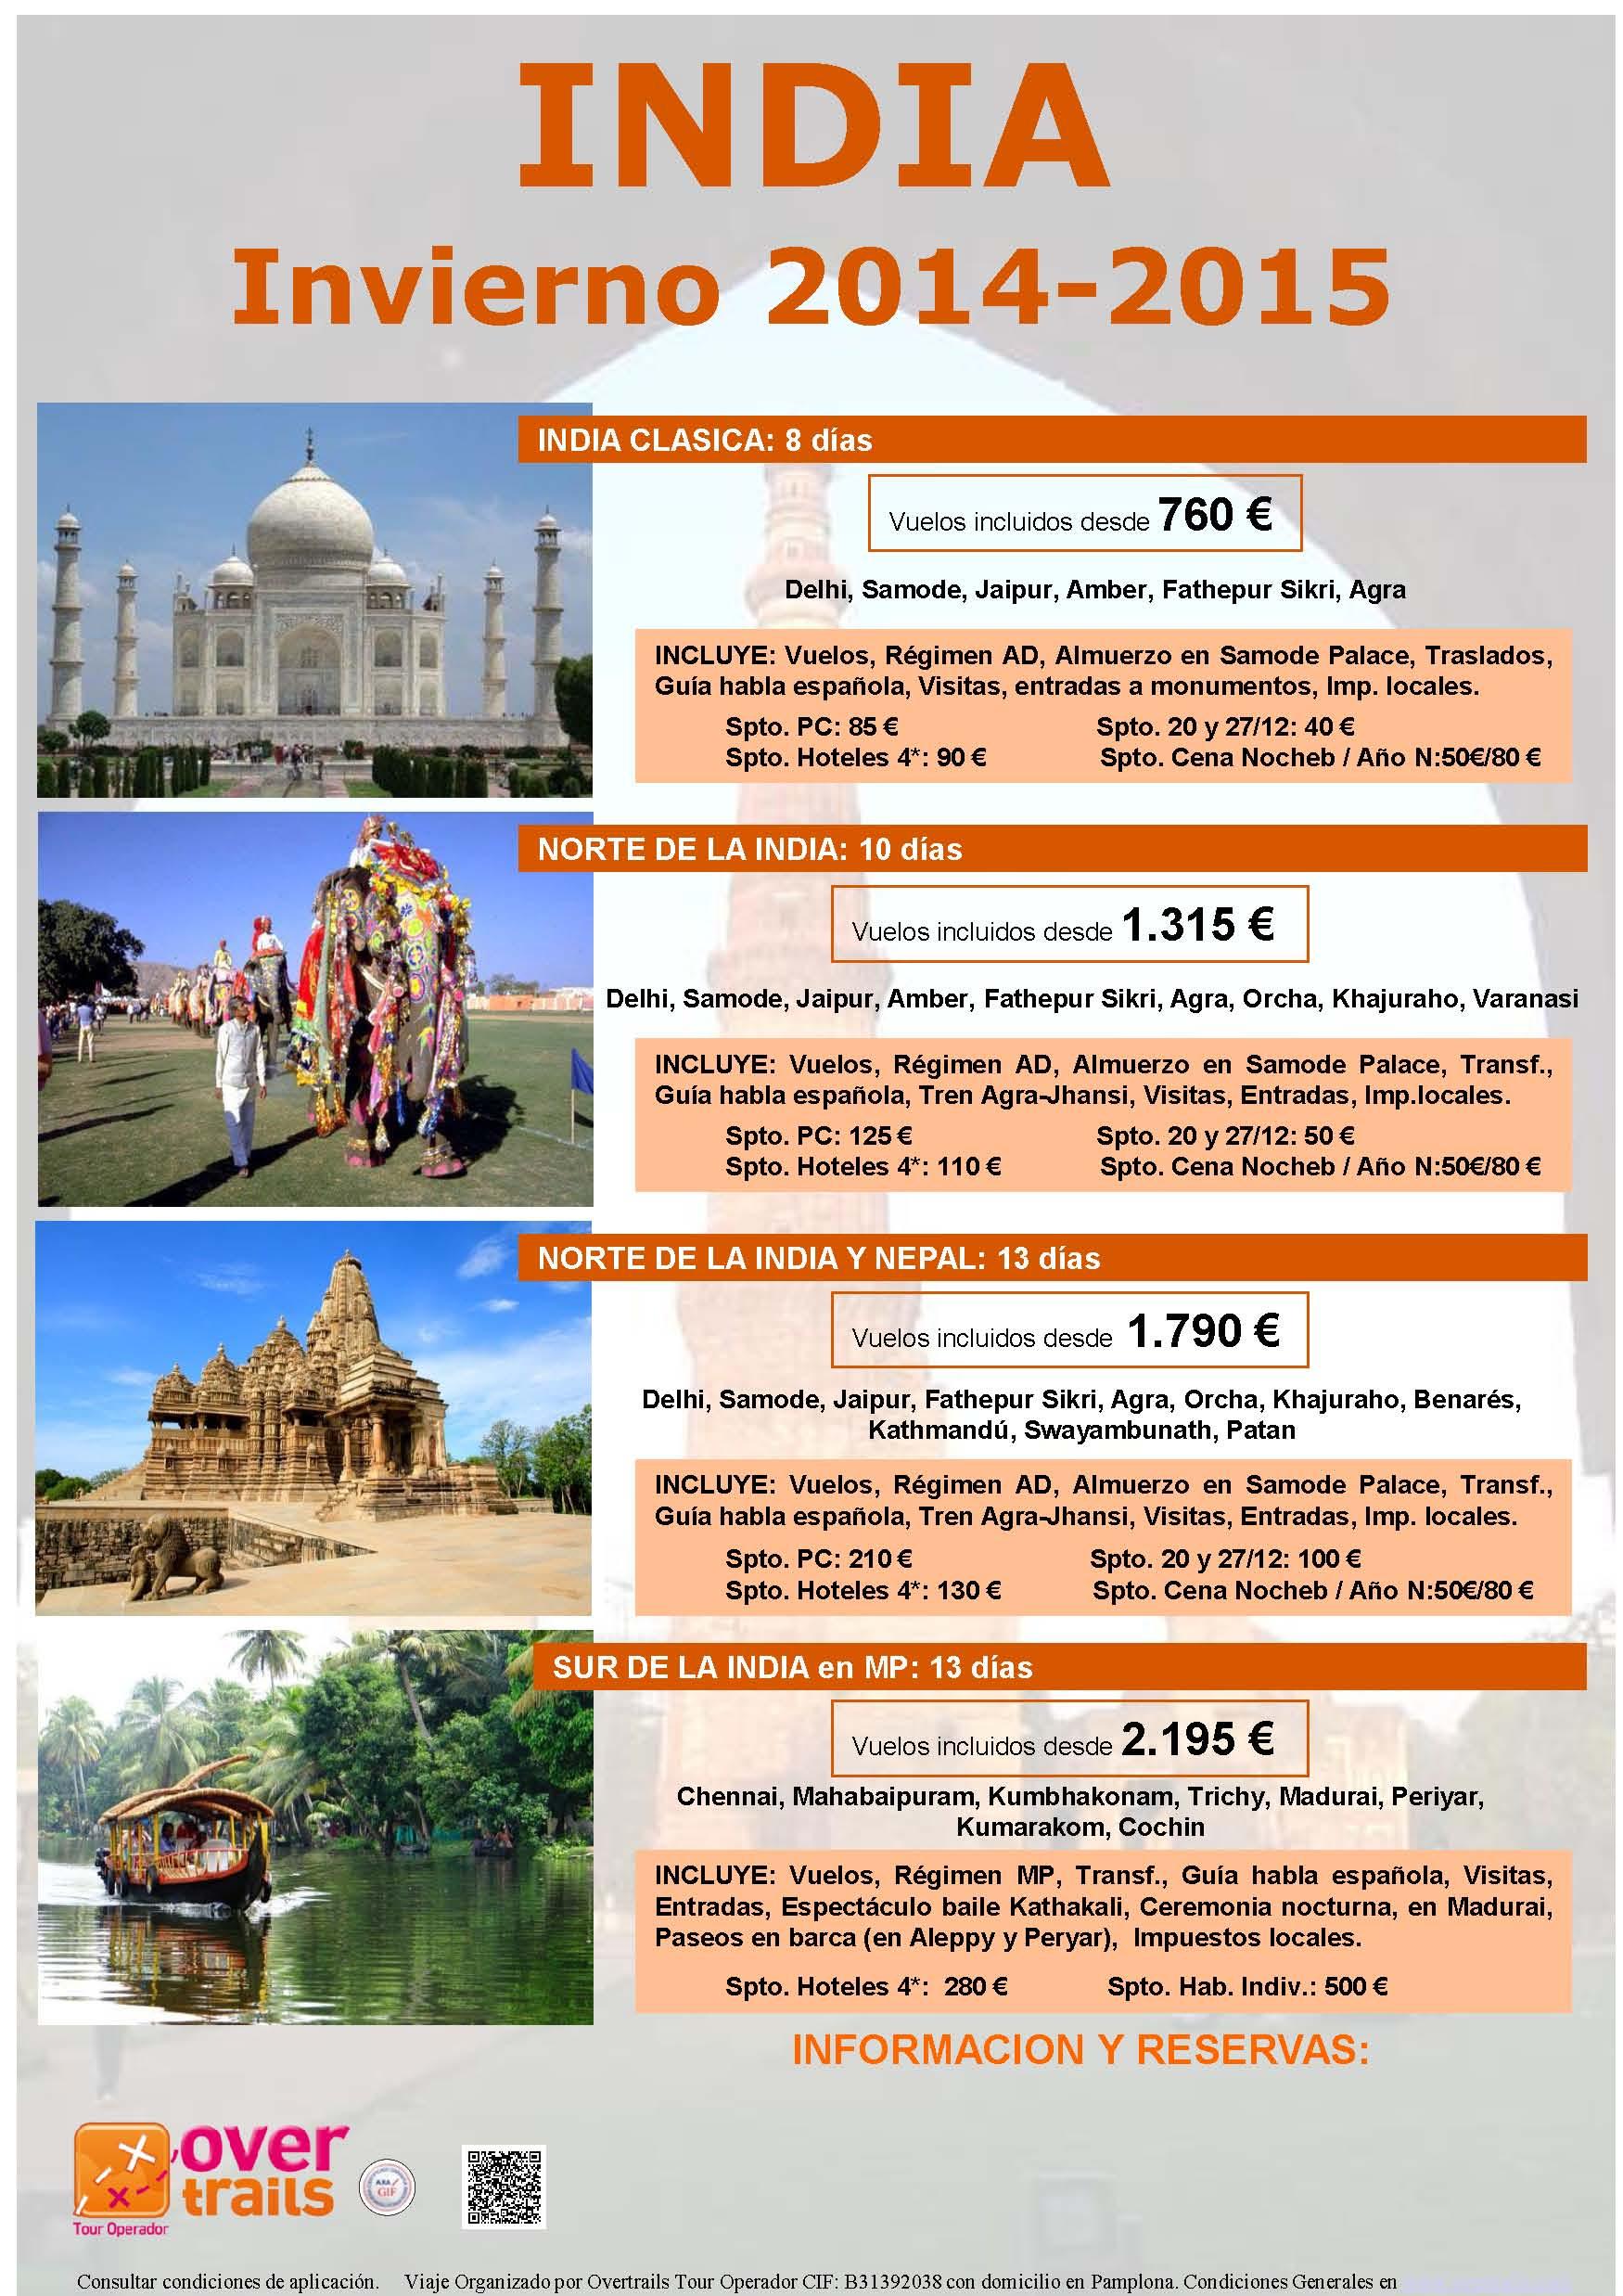 INDIA INVIERNO 2014-2015